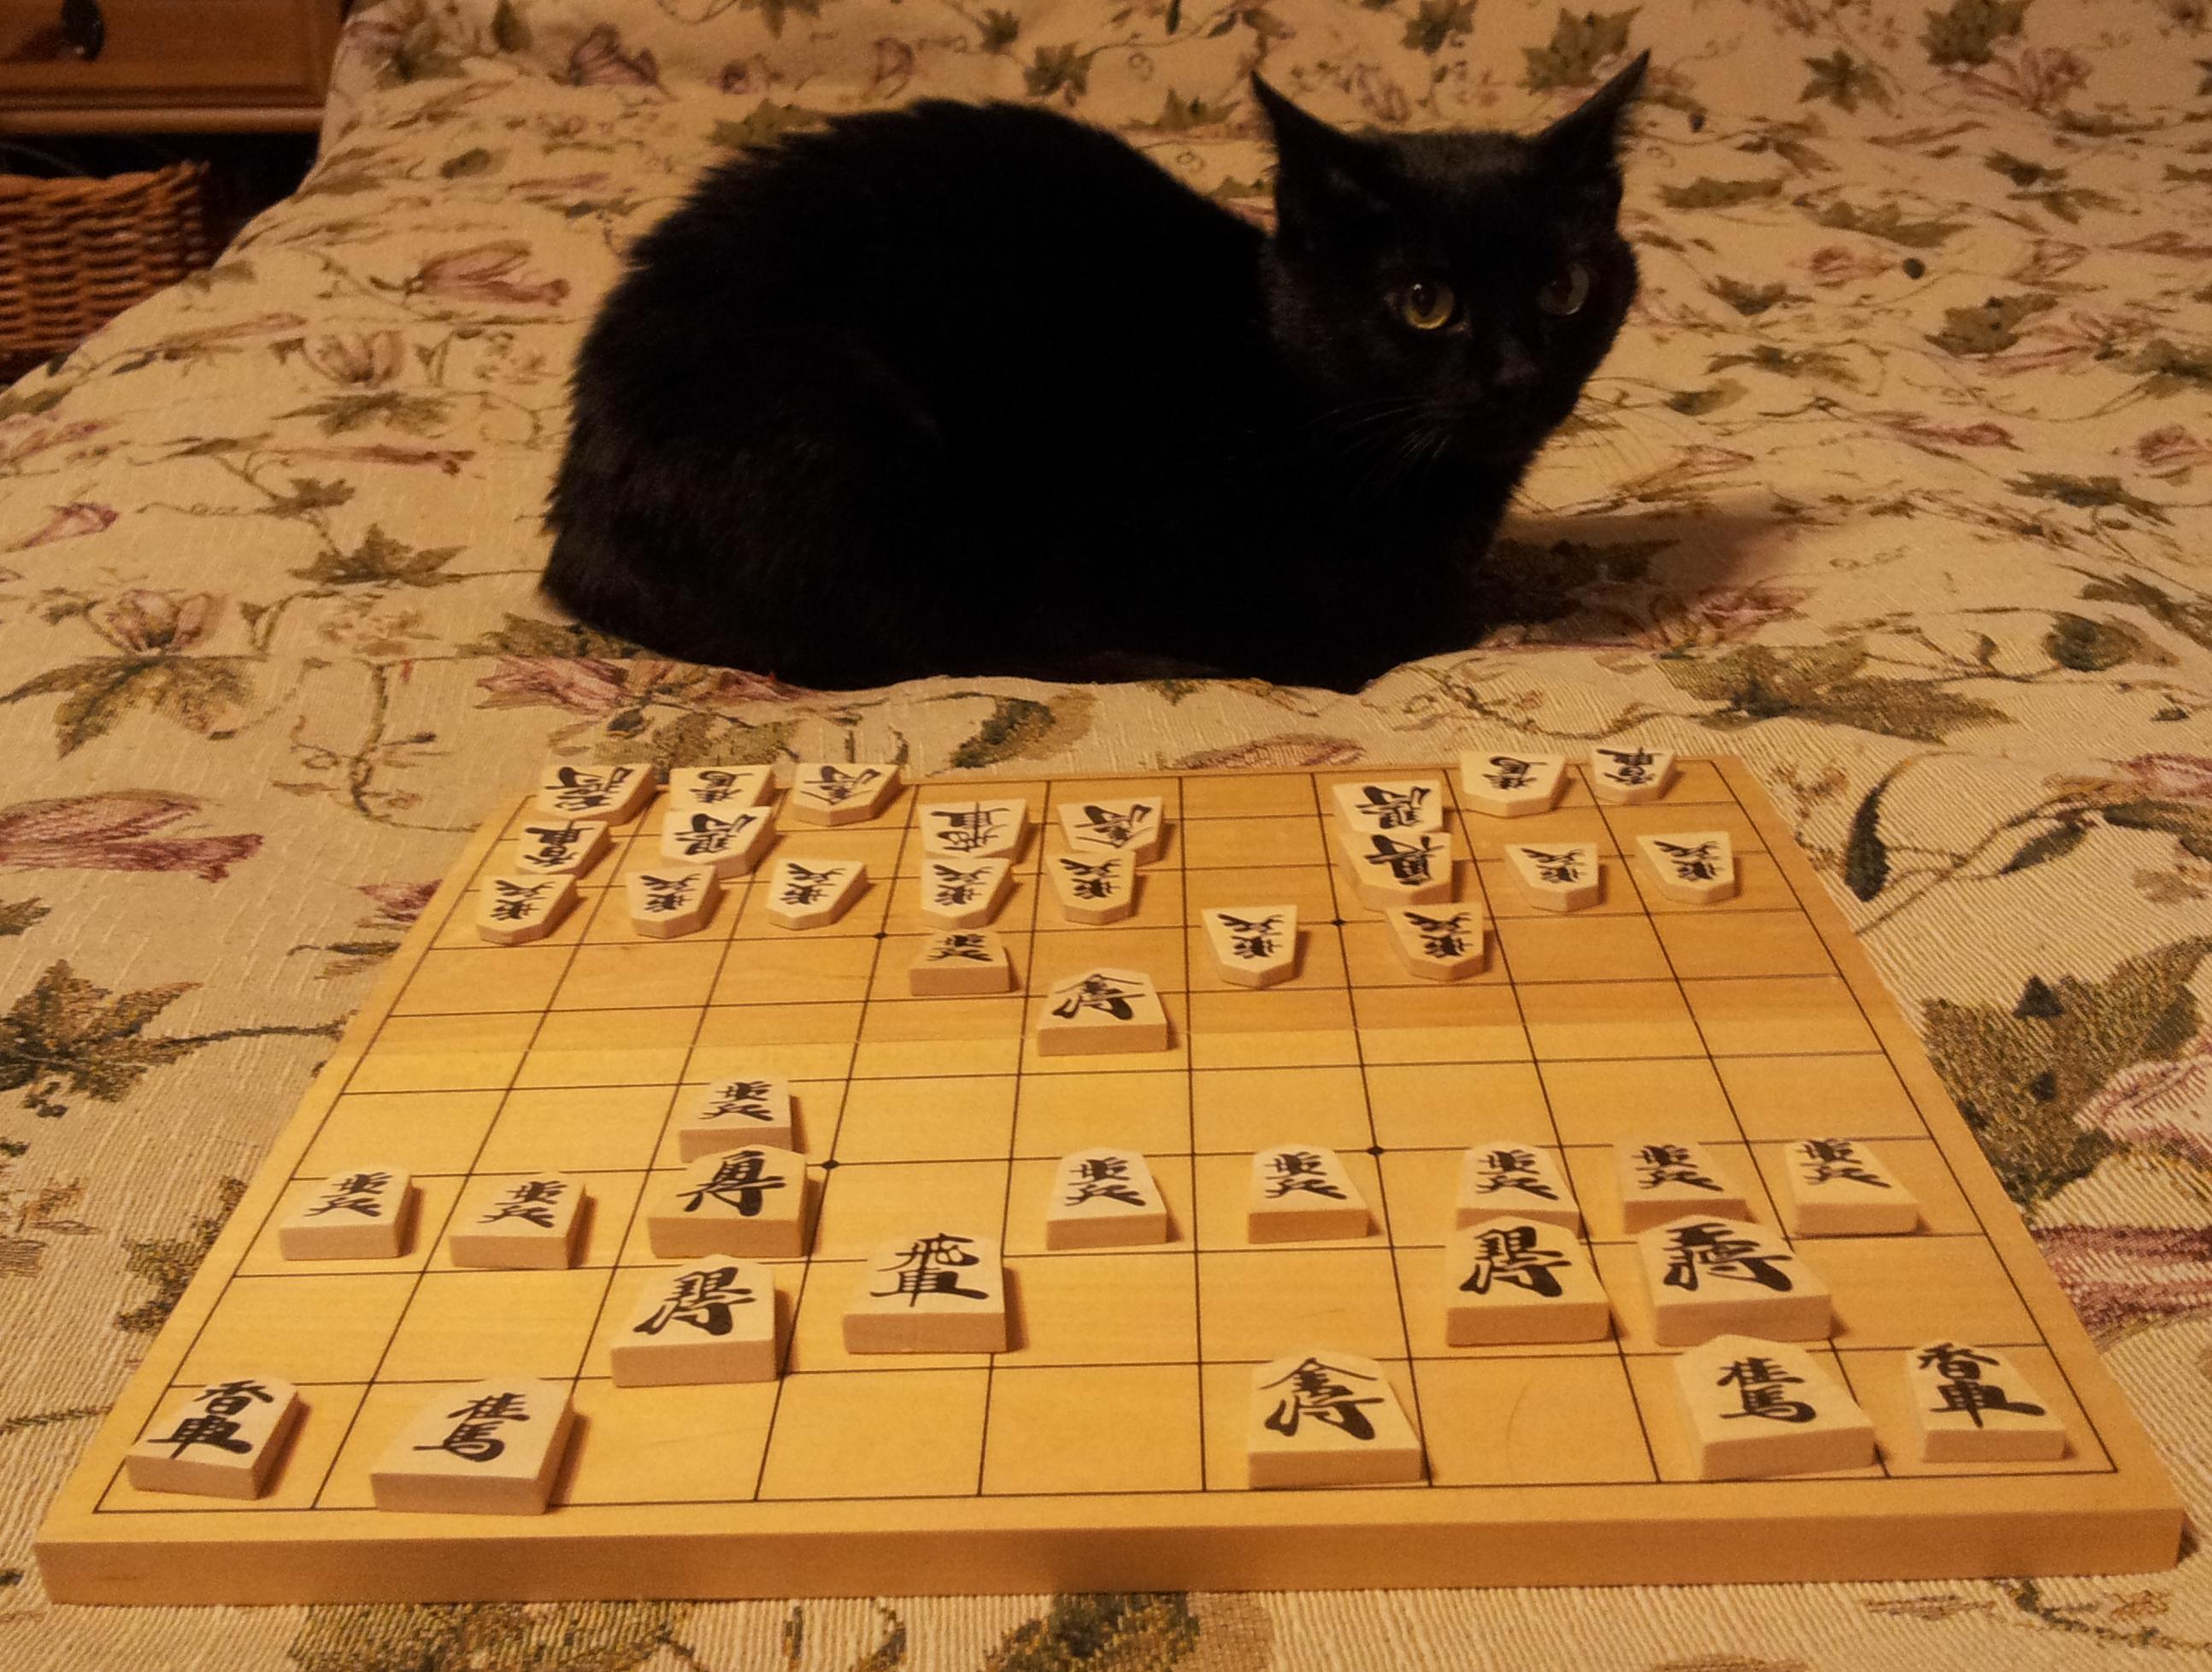 Применение машинного обучения в построении ИИ для игры в японские шахматы (сёги)